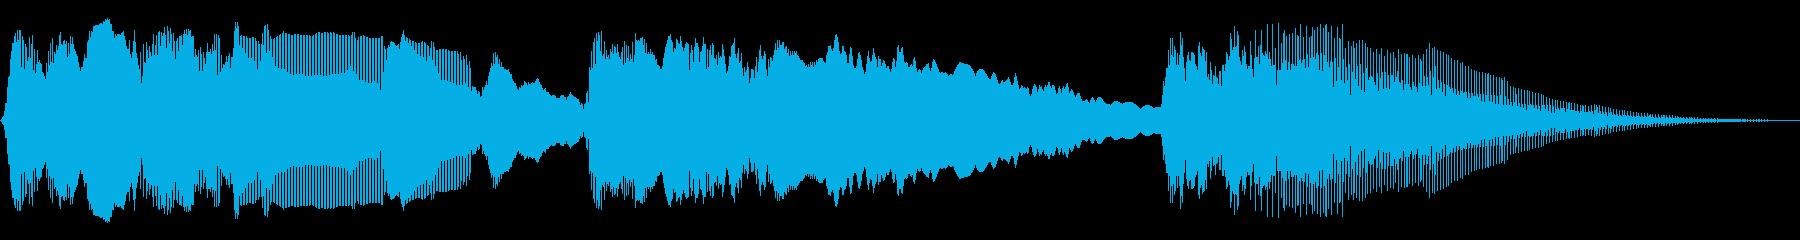 パワーバンドスイープ2の再生済みの波形